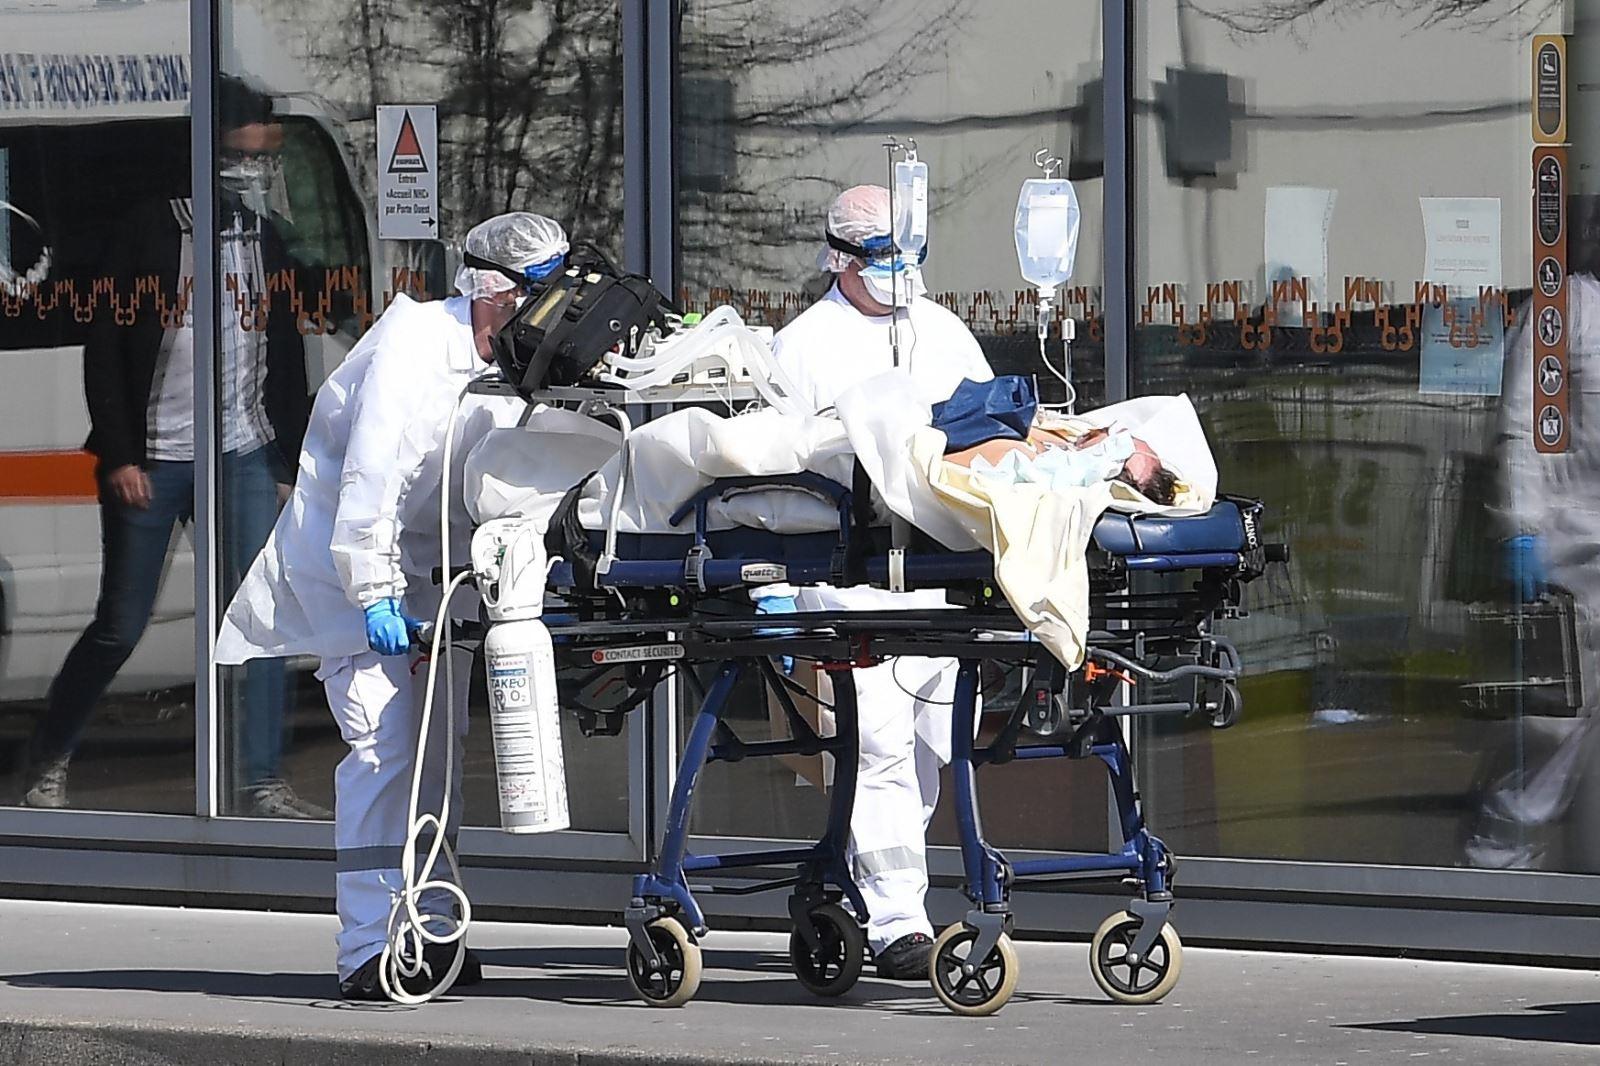 Nhân viên y tế chuyển bệnh nhân nhiễm COVID-19 tới bệnh viện ở Strasbourg, Pháp, ngày 16-3-2020. Ảnh: AFP/ TTXVN